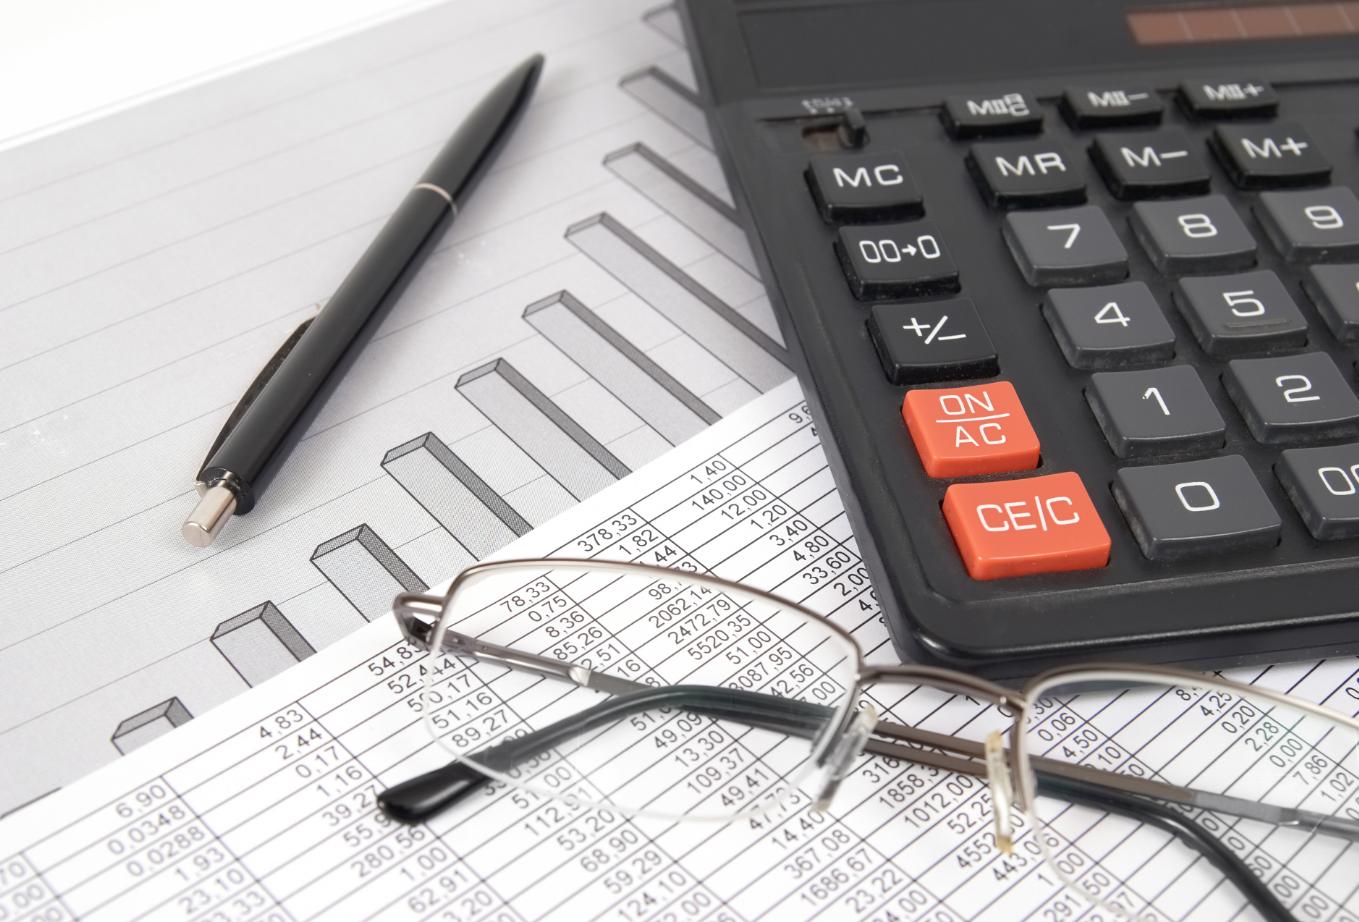 Калькулятор i бухгалтерских услуг работа главный бухгалтер в бюджетную организацию спб